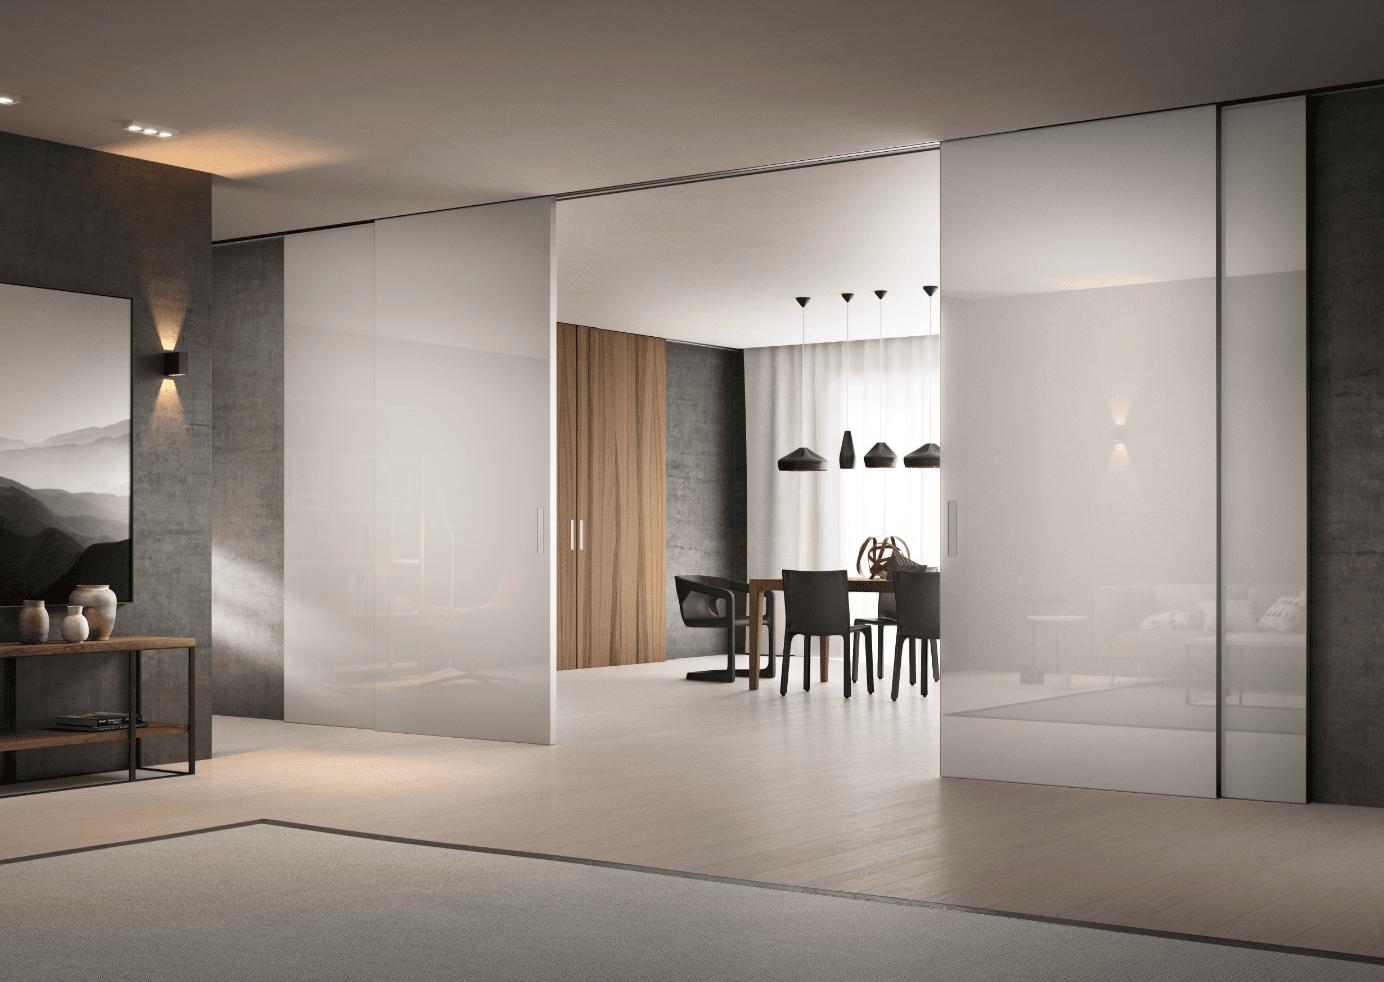 Porte e finestre di sicurezza casa protetta anche durante for Finestre a soffitto